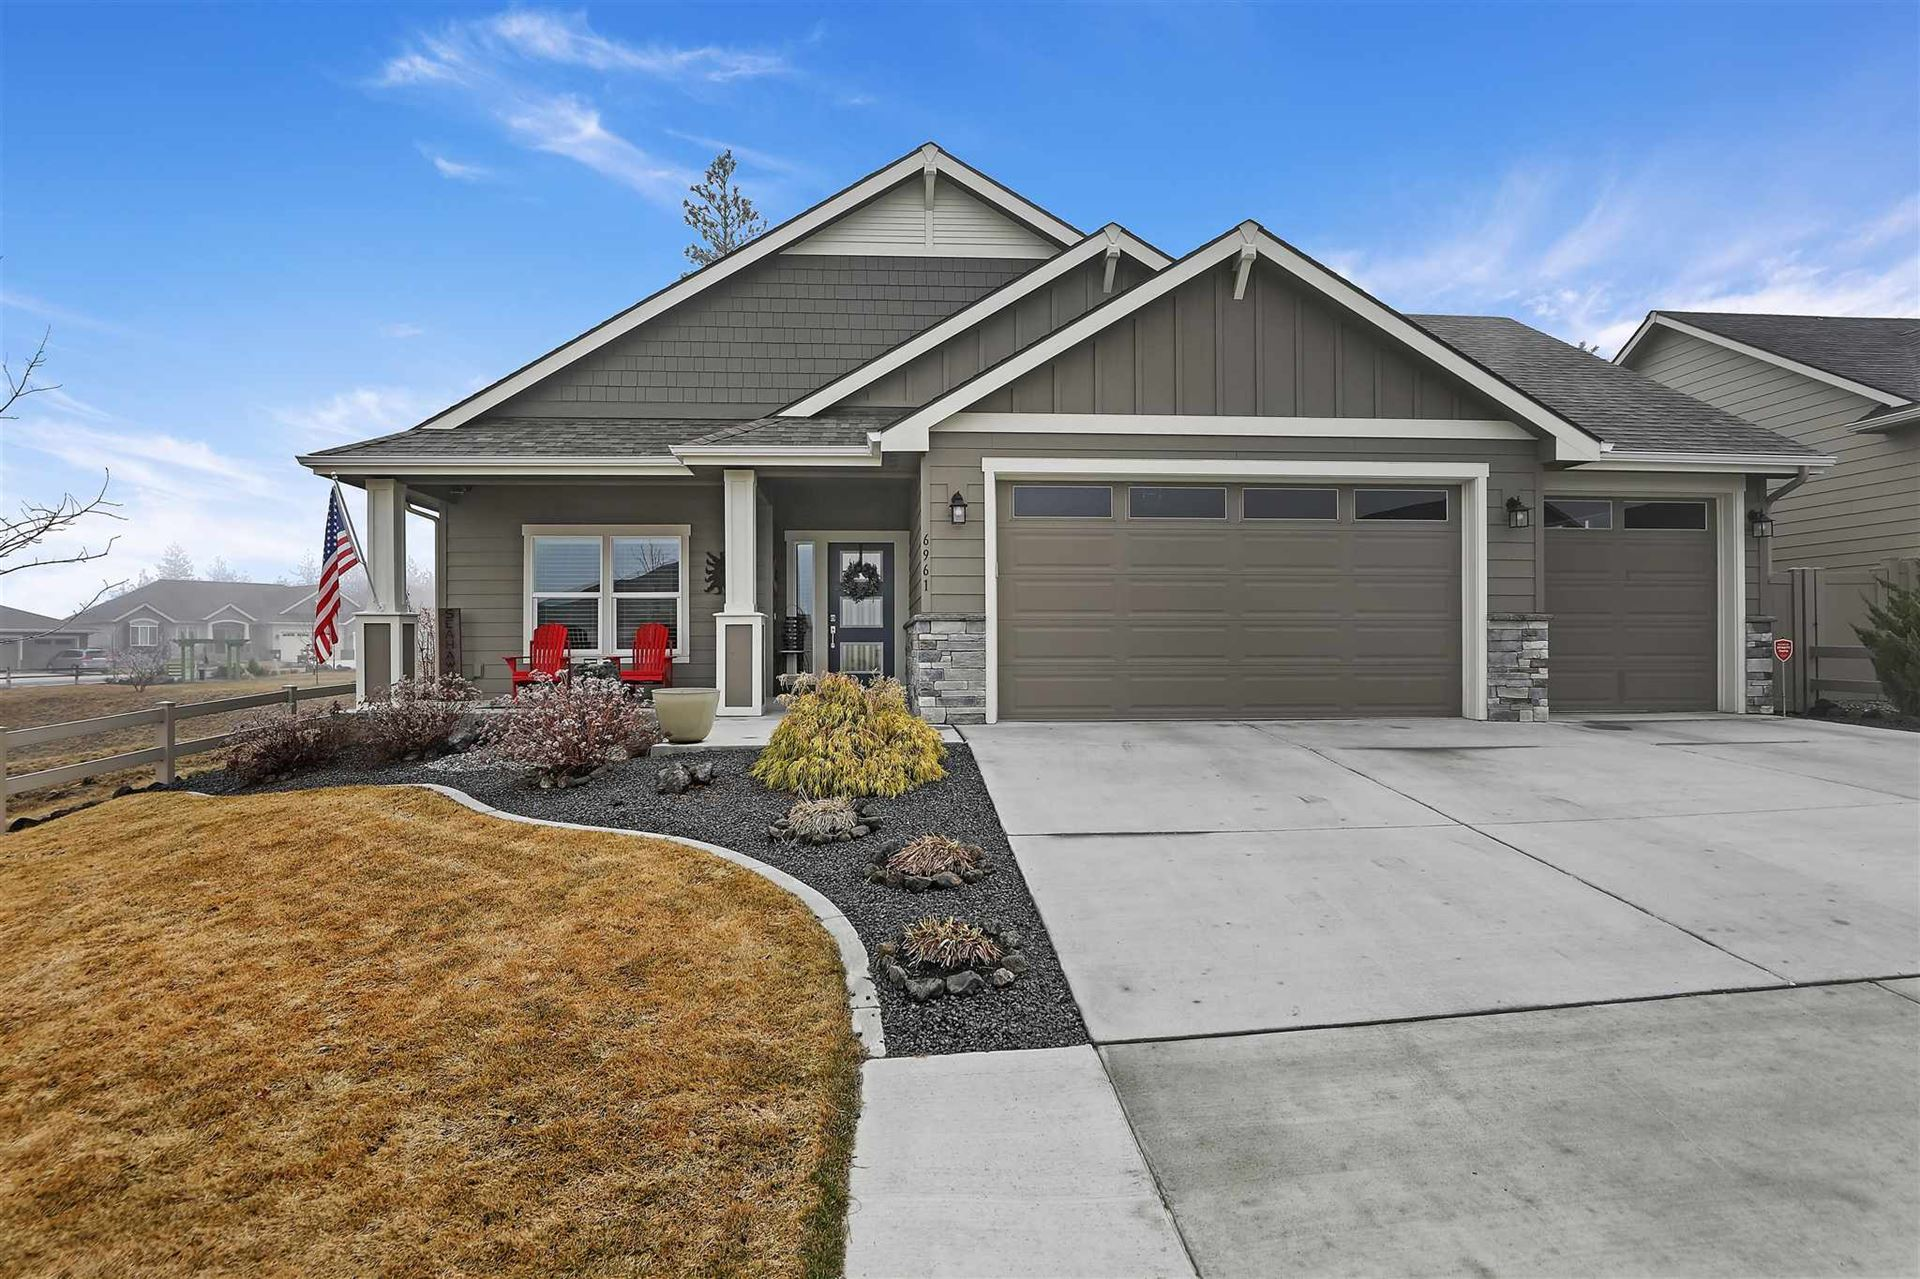 6961 S Forest Ridge Dr, Spokane, WA 99224 - #: 202113995